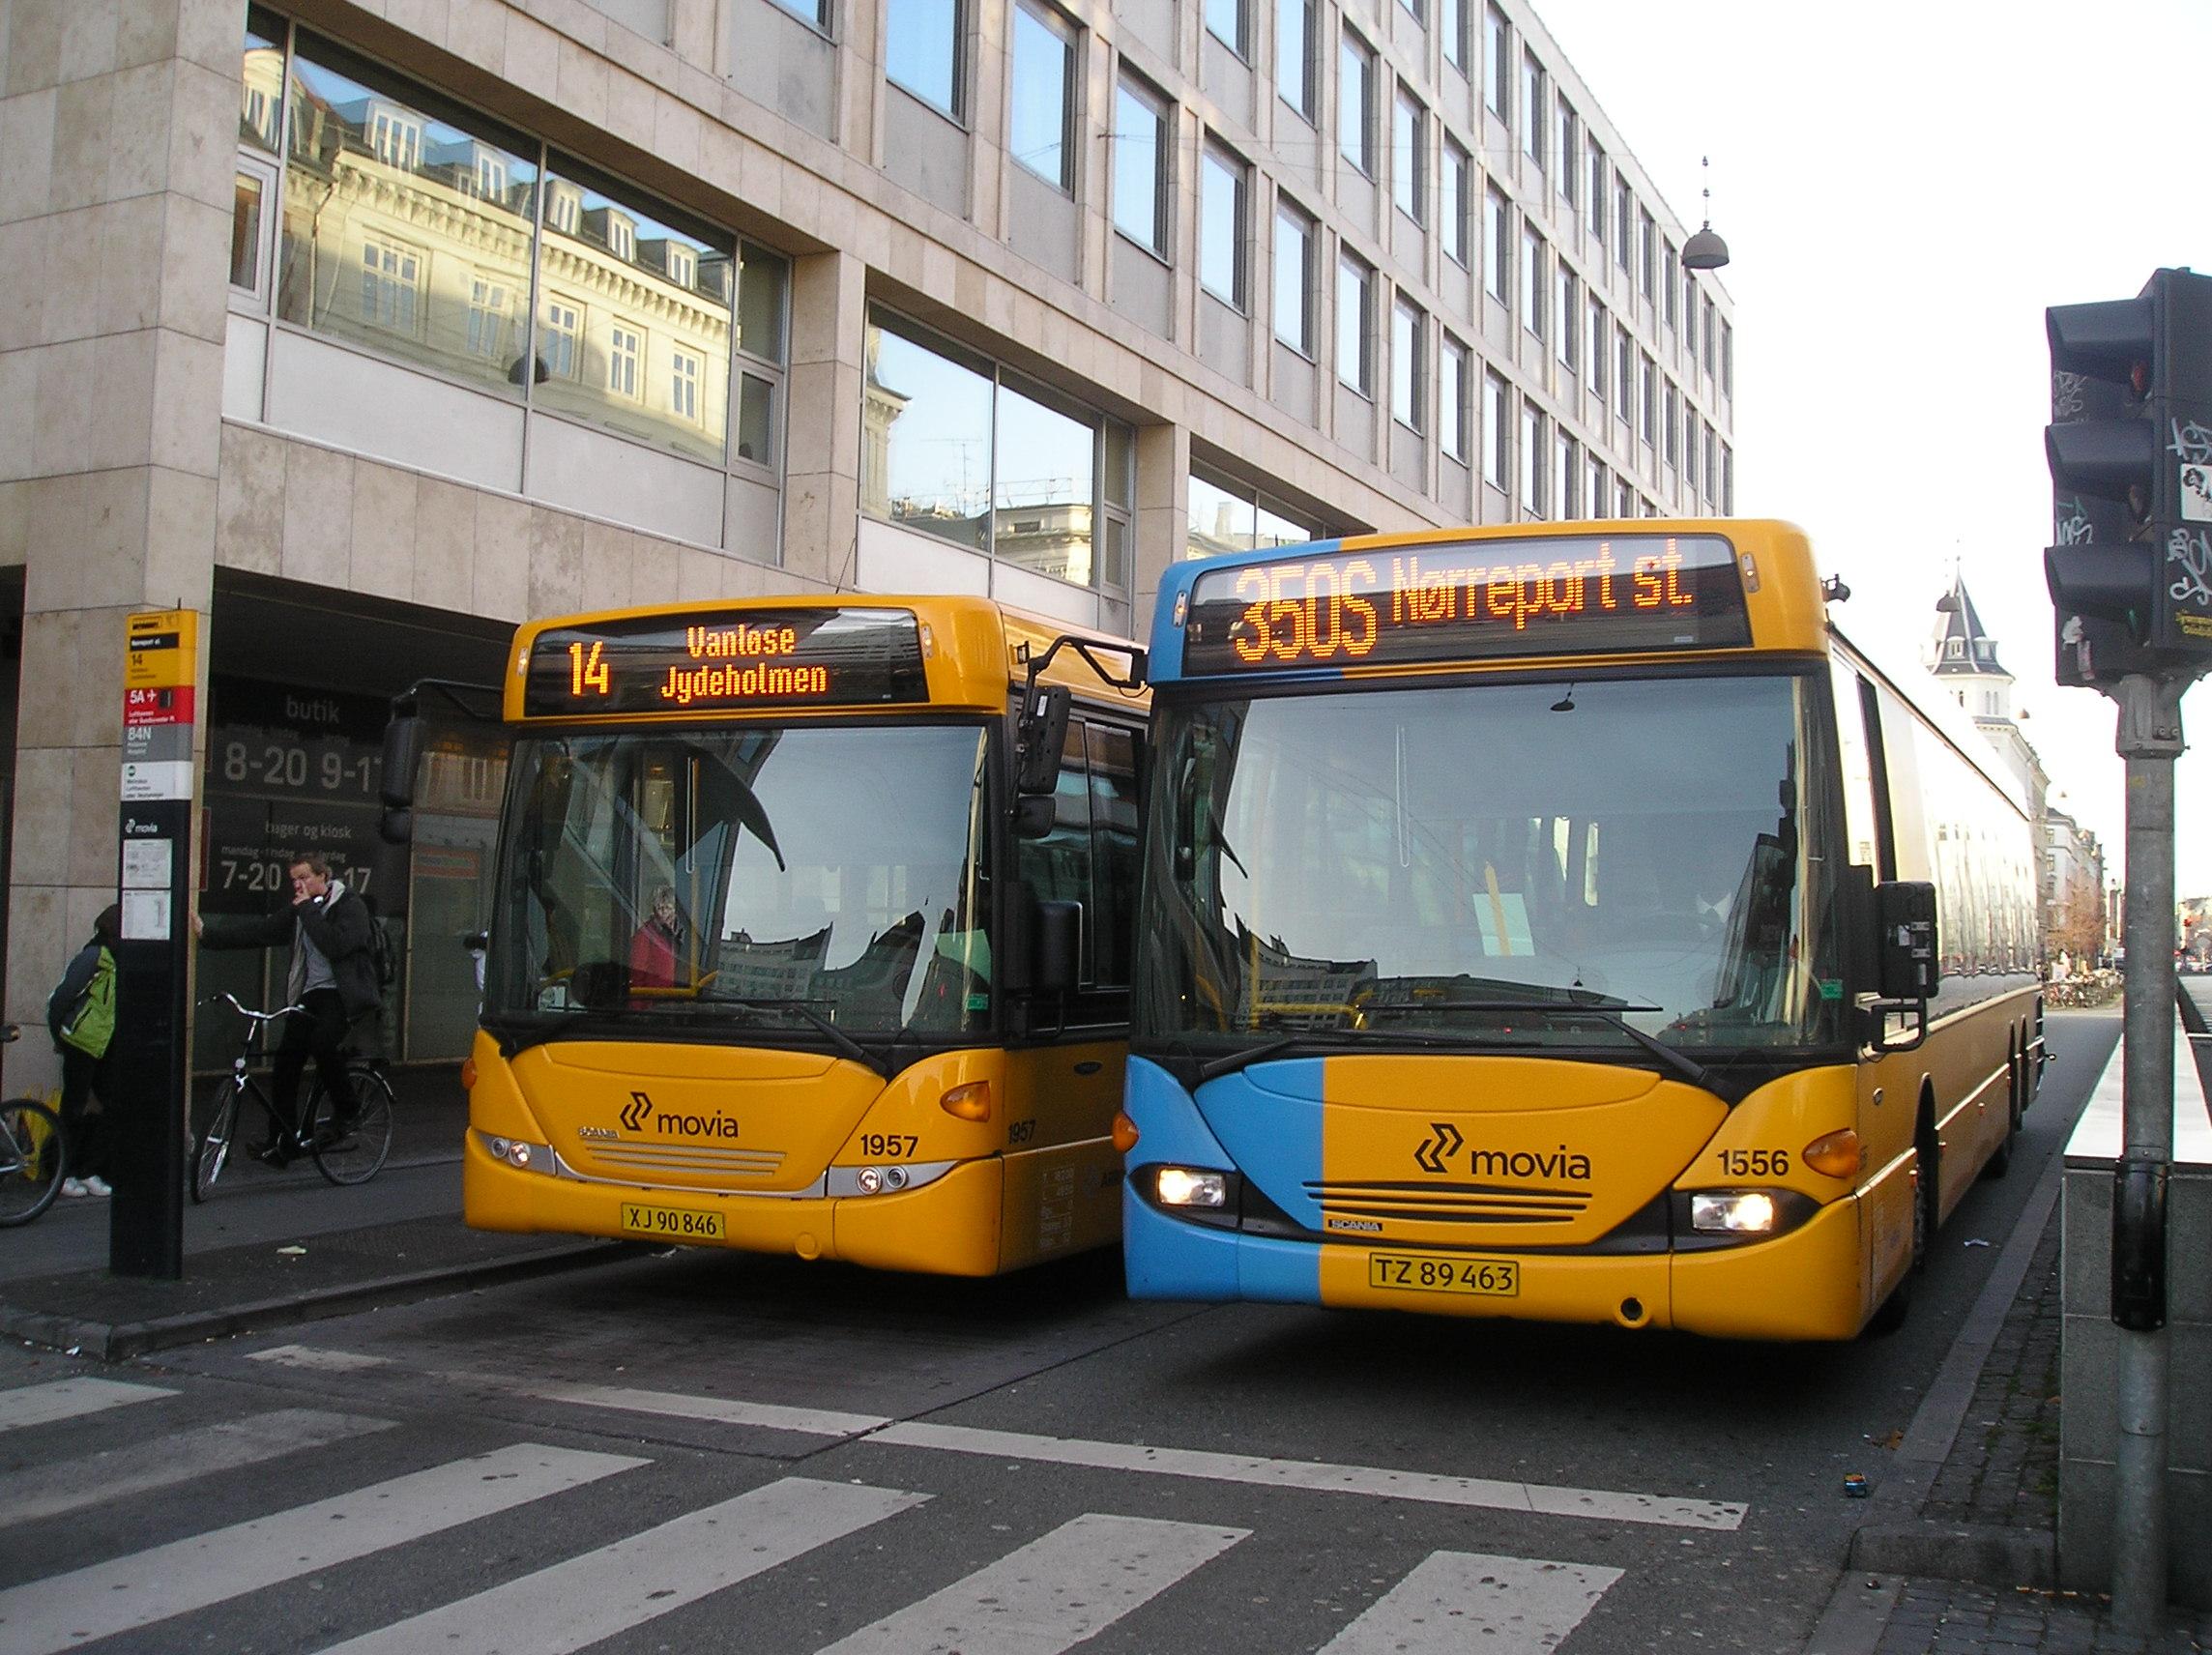 bus hamborg lufthavn hvad er 10 euro i danske penge